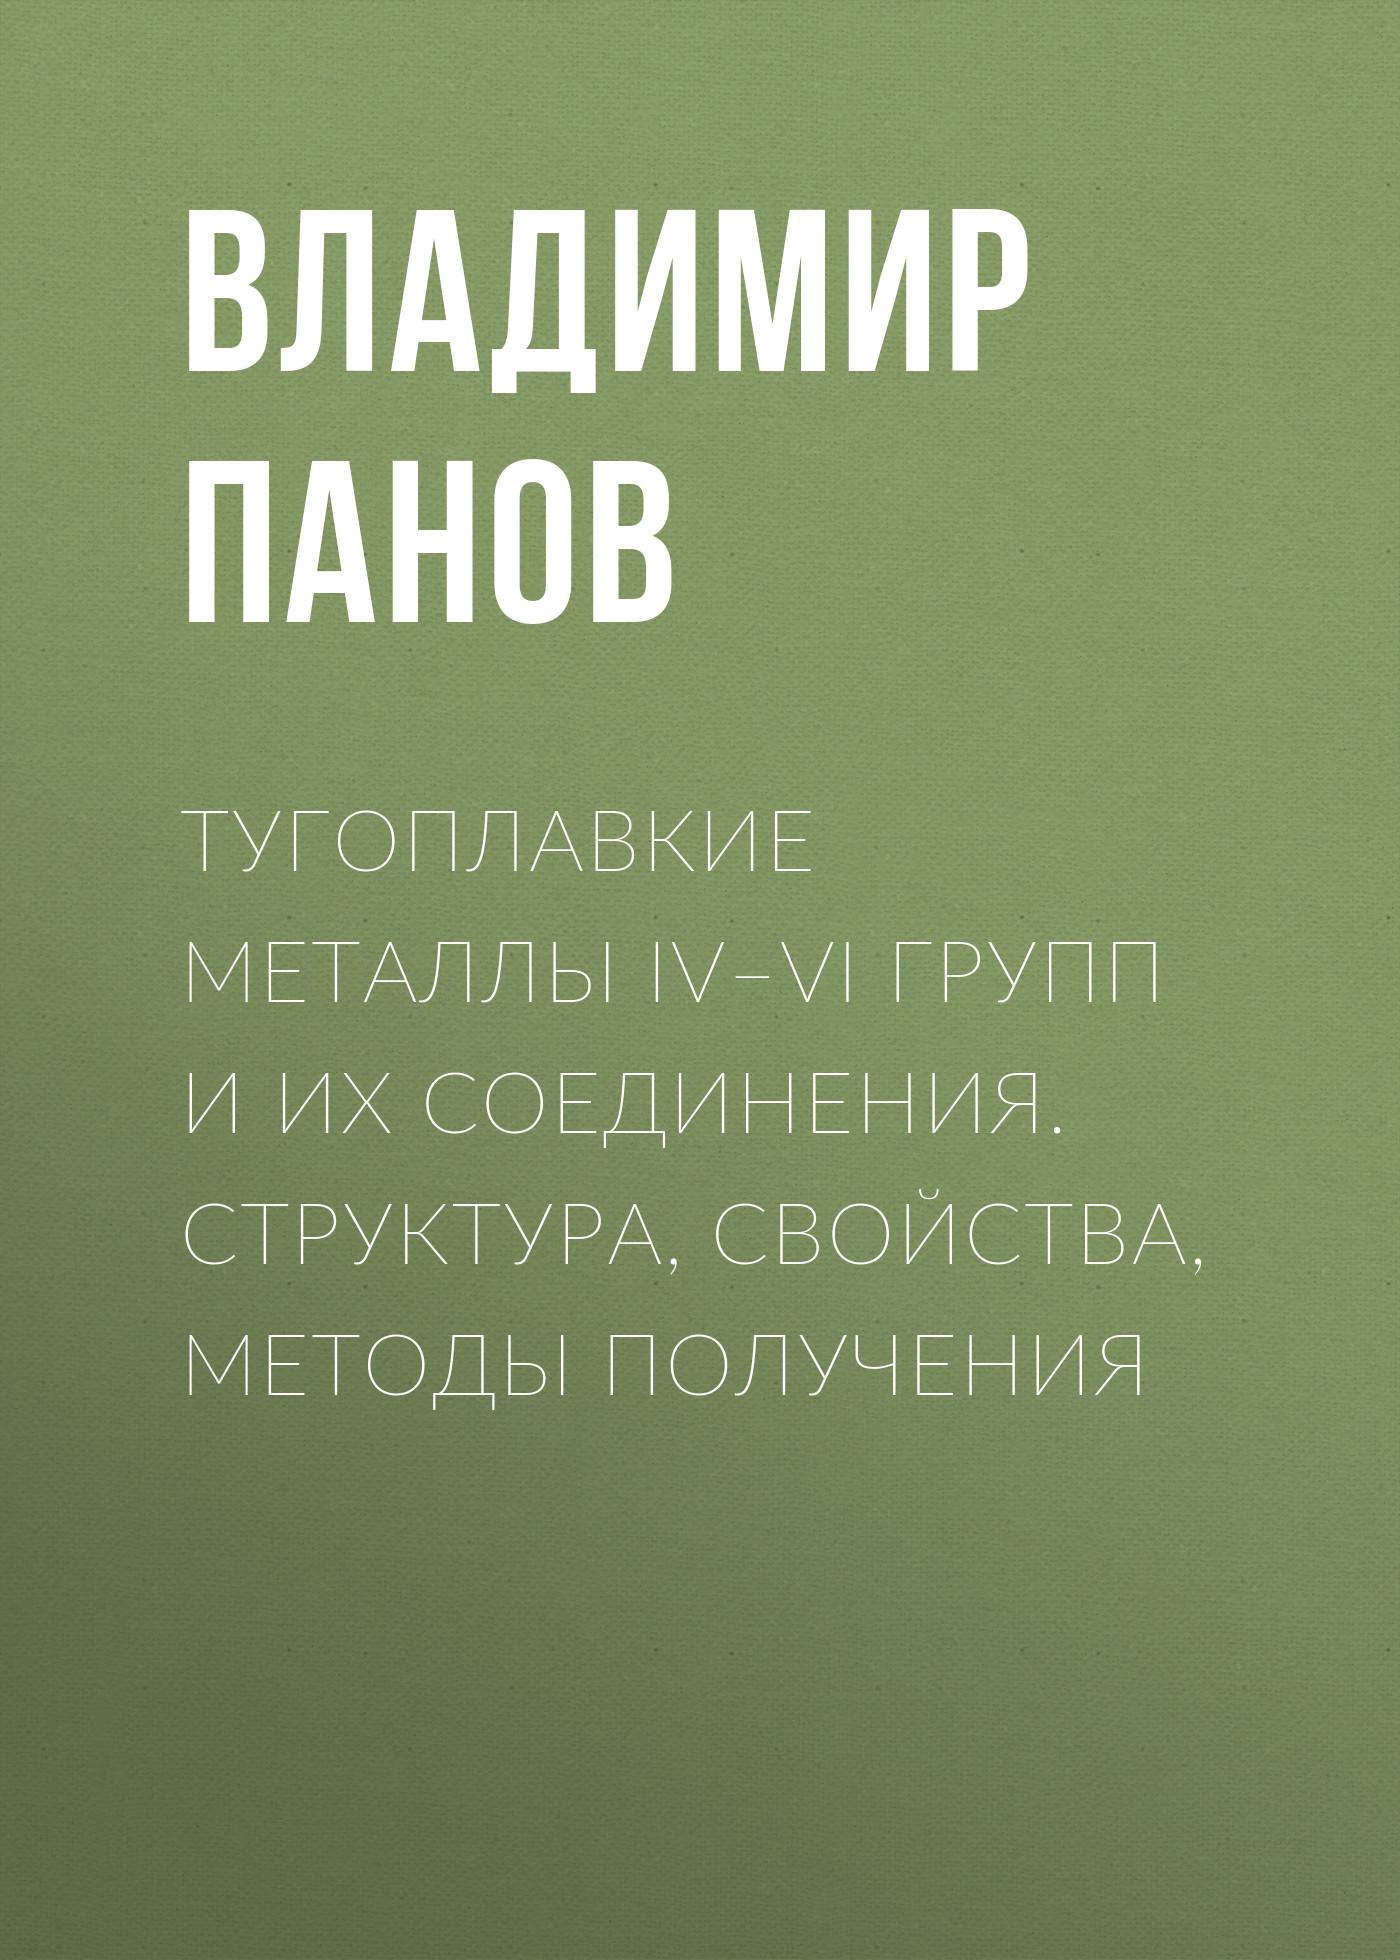 Владимир Панов Тугоплавкие металлы IV–VI групп и их соединения. Структура, свойства, методы получения